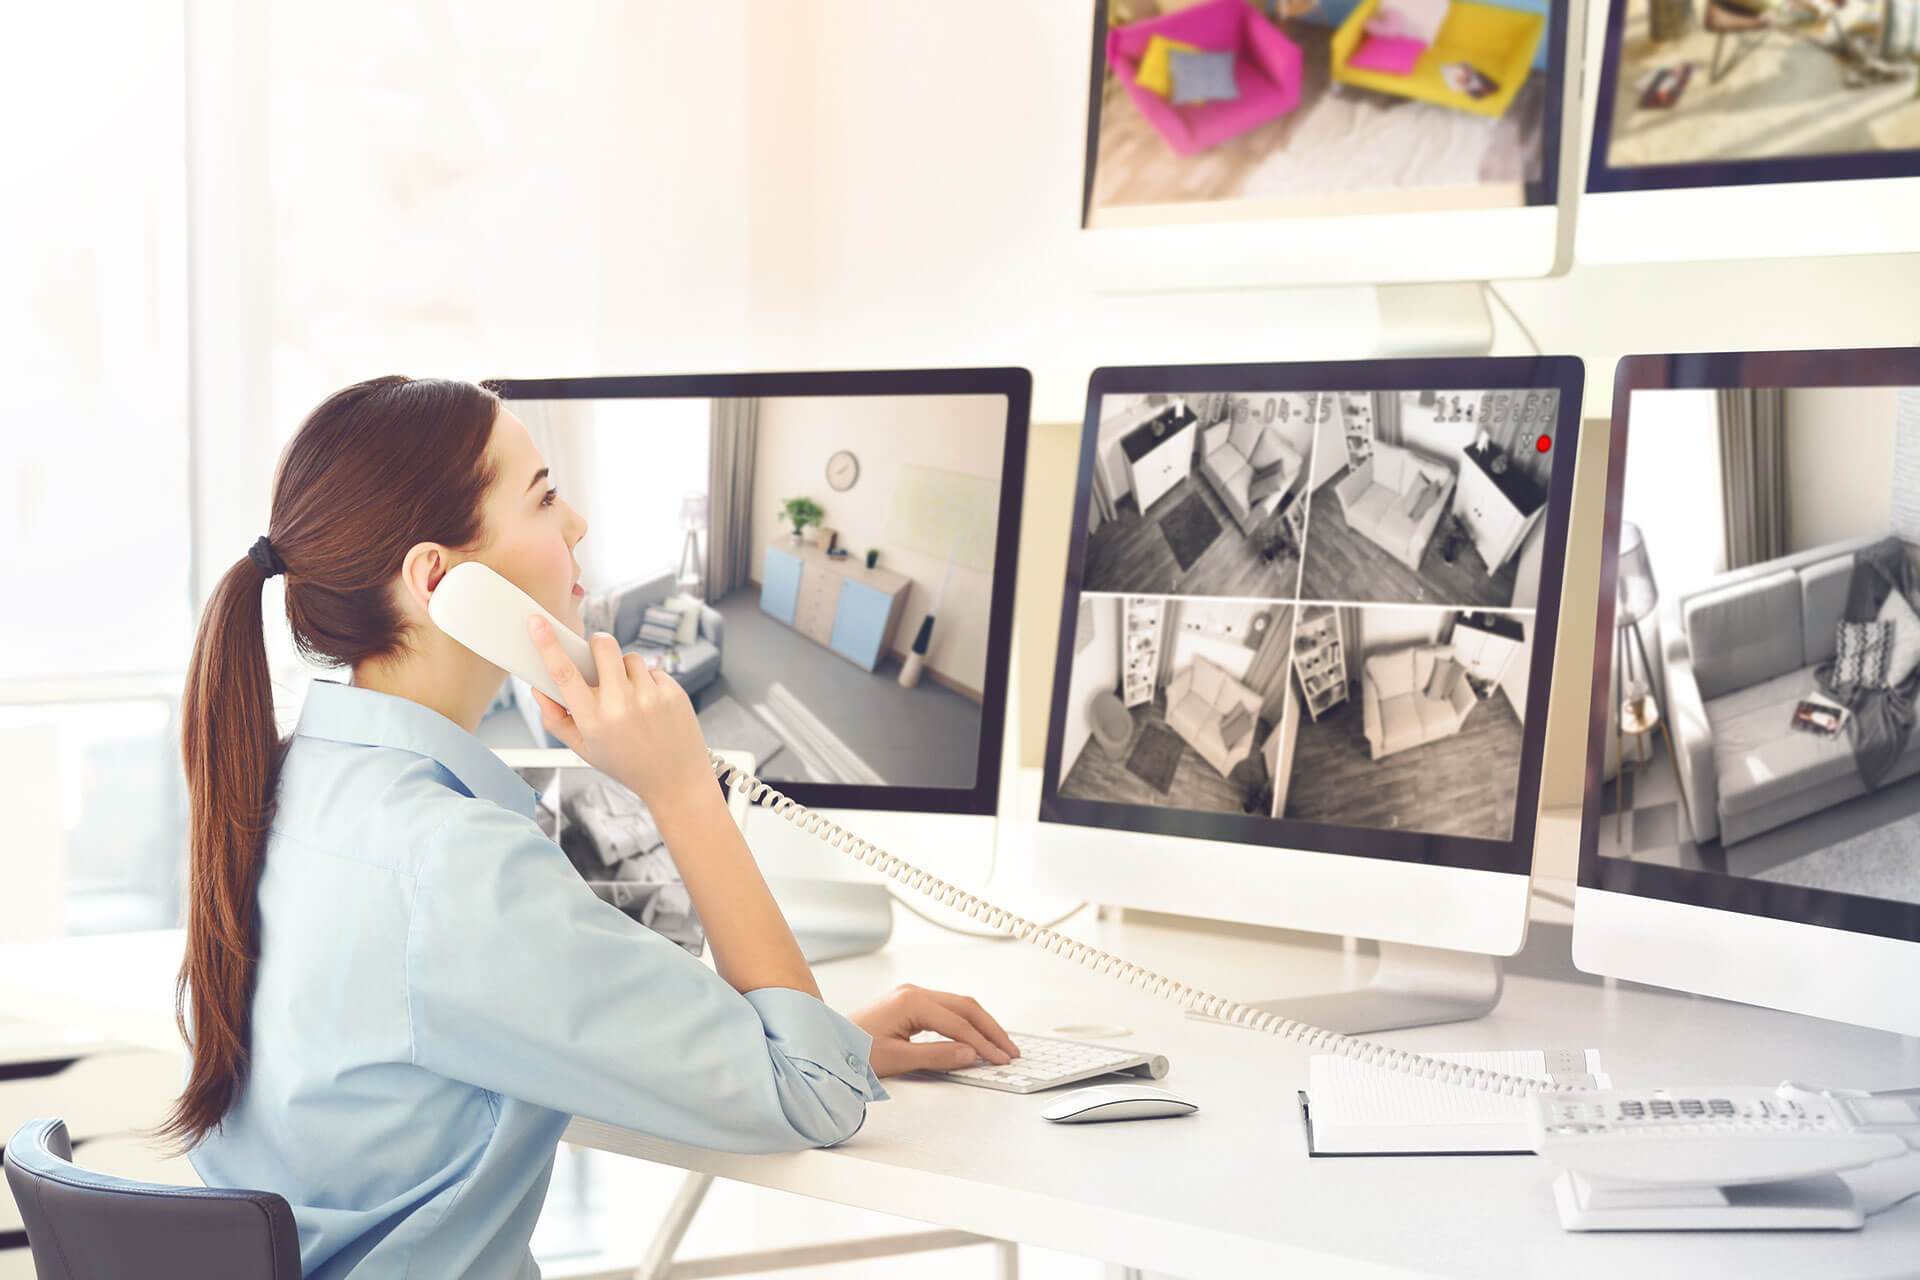 жена проверява няколко монитора с видеонаблюдение с камери